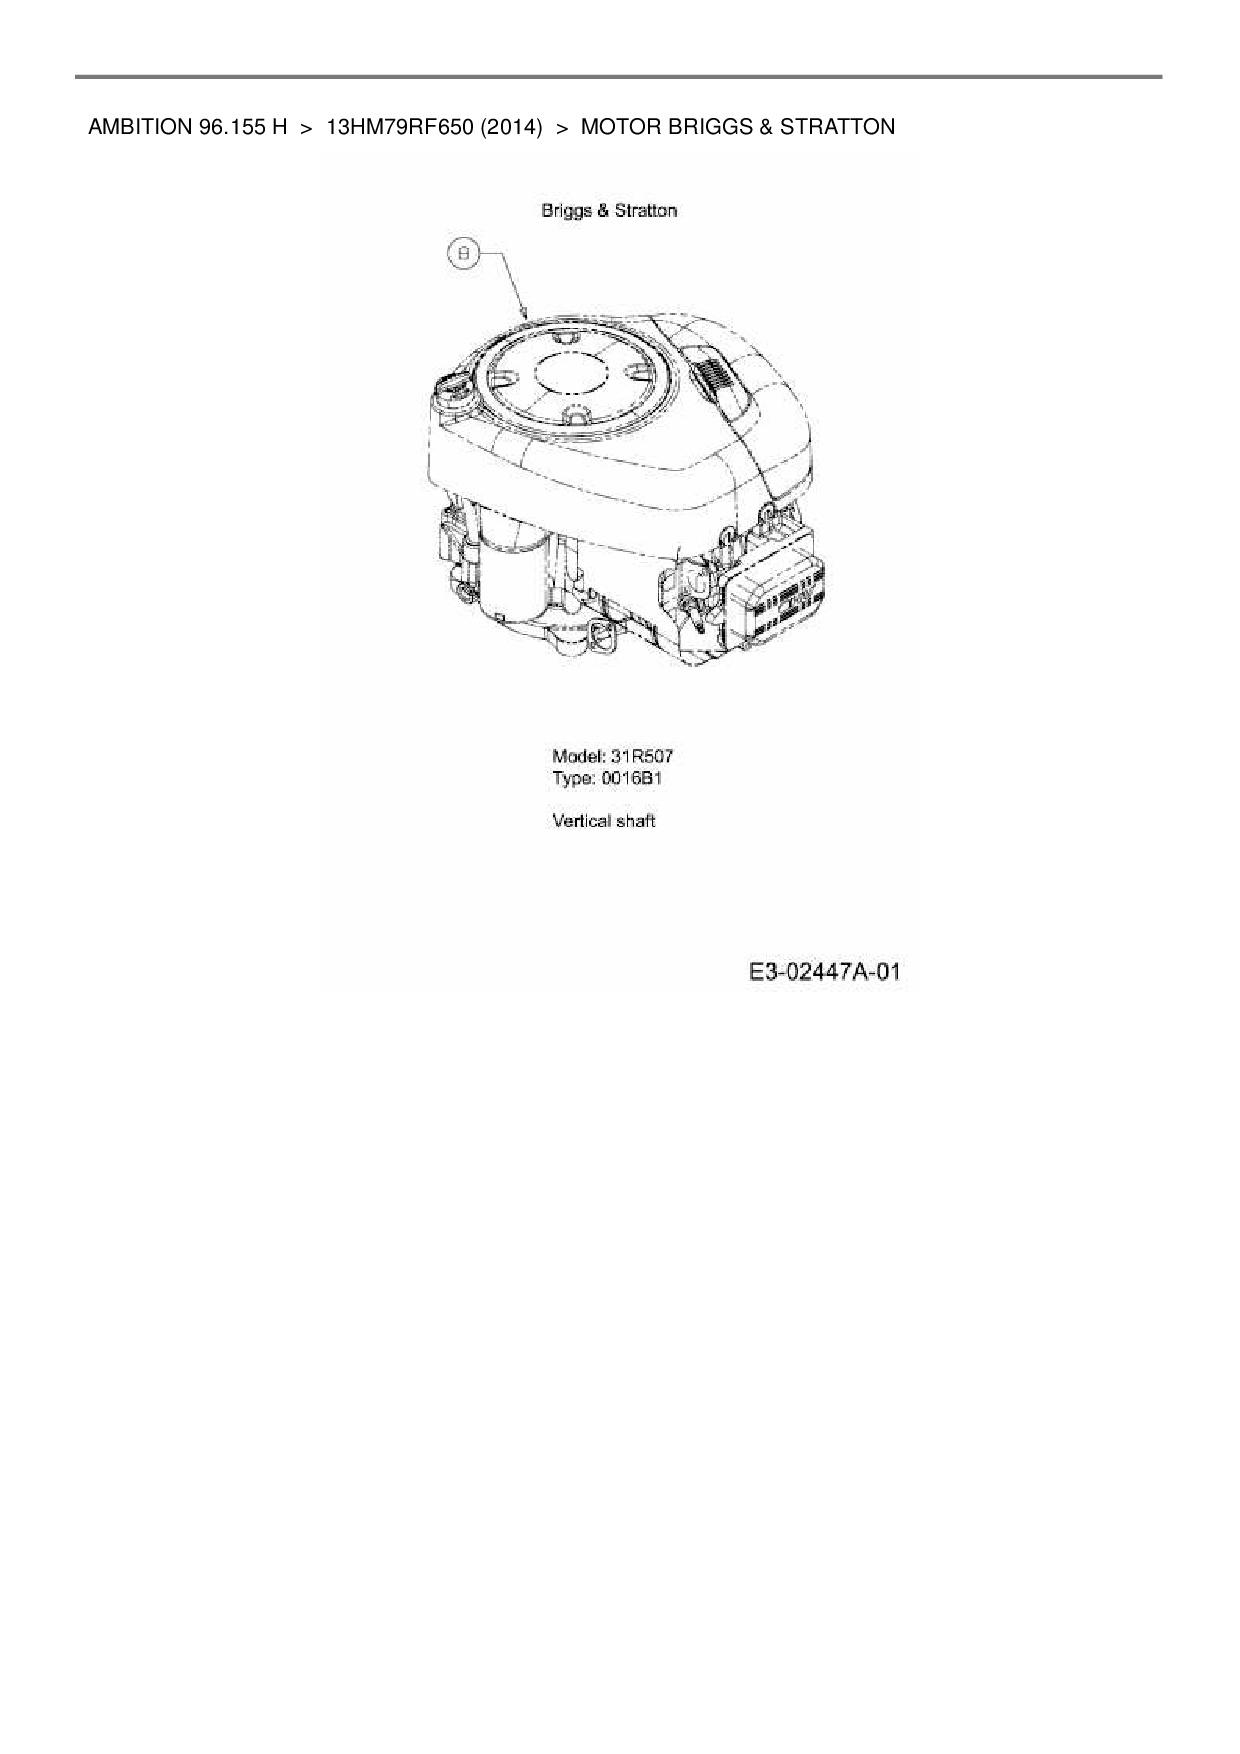 Großzügig Motorteile Diagramm Galerie - Die Besten Elektrischen ...